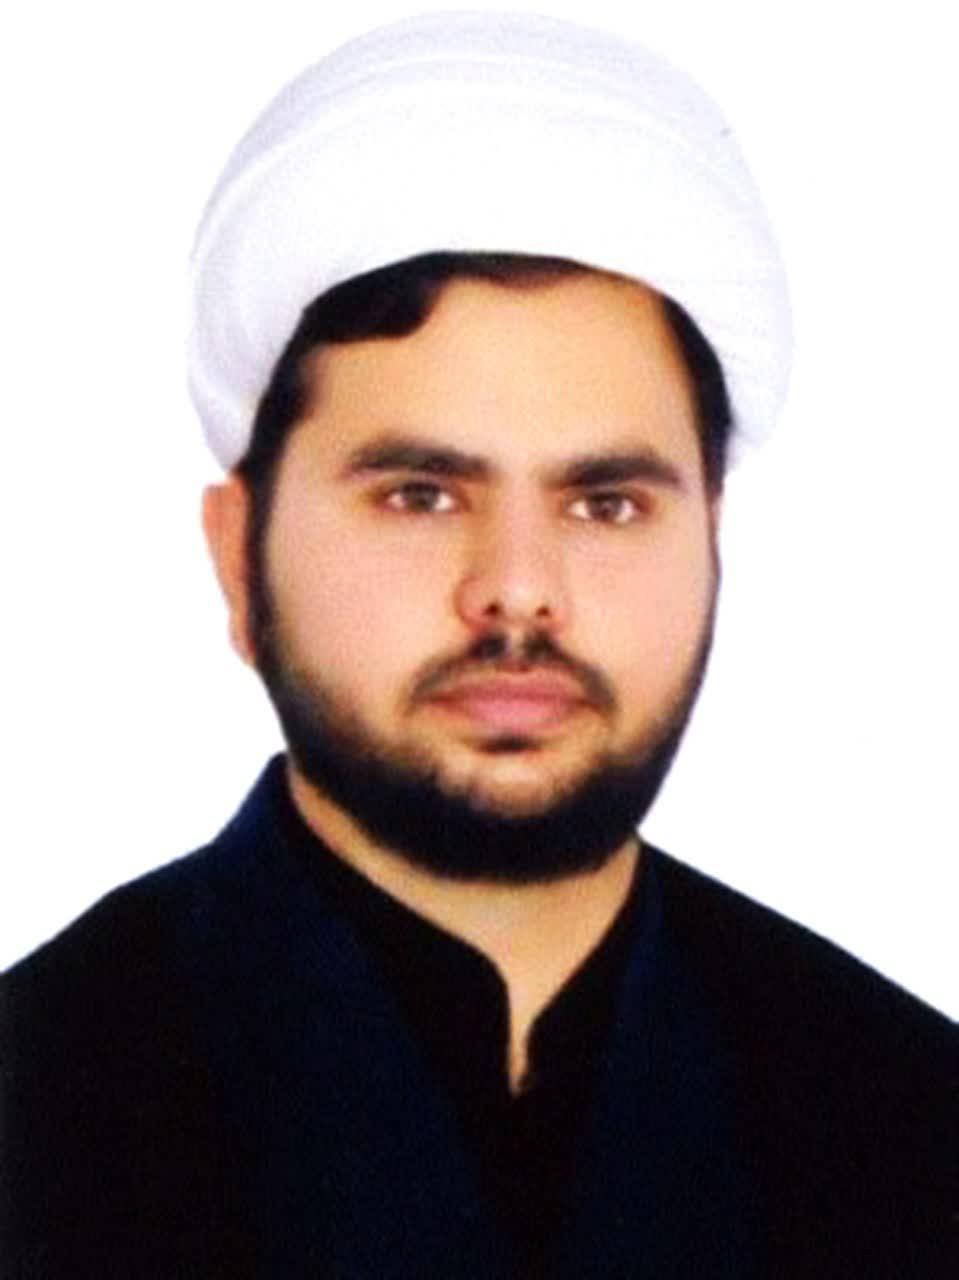 زندگینامه حجت الاسلام والمسلمین محمد حسن بهشتی